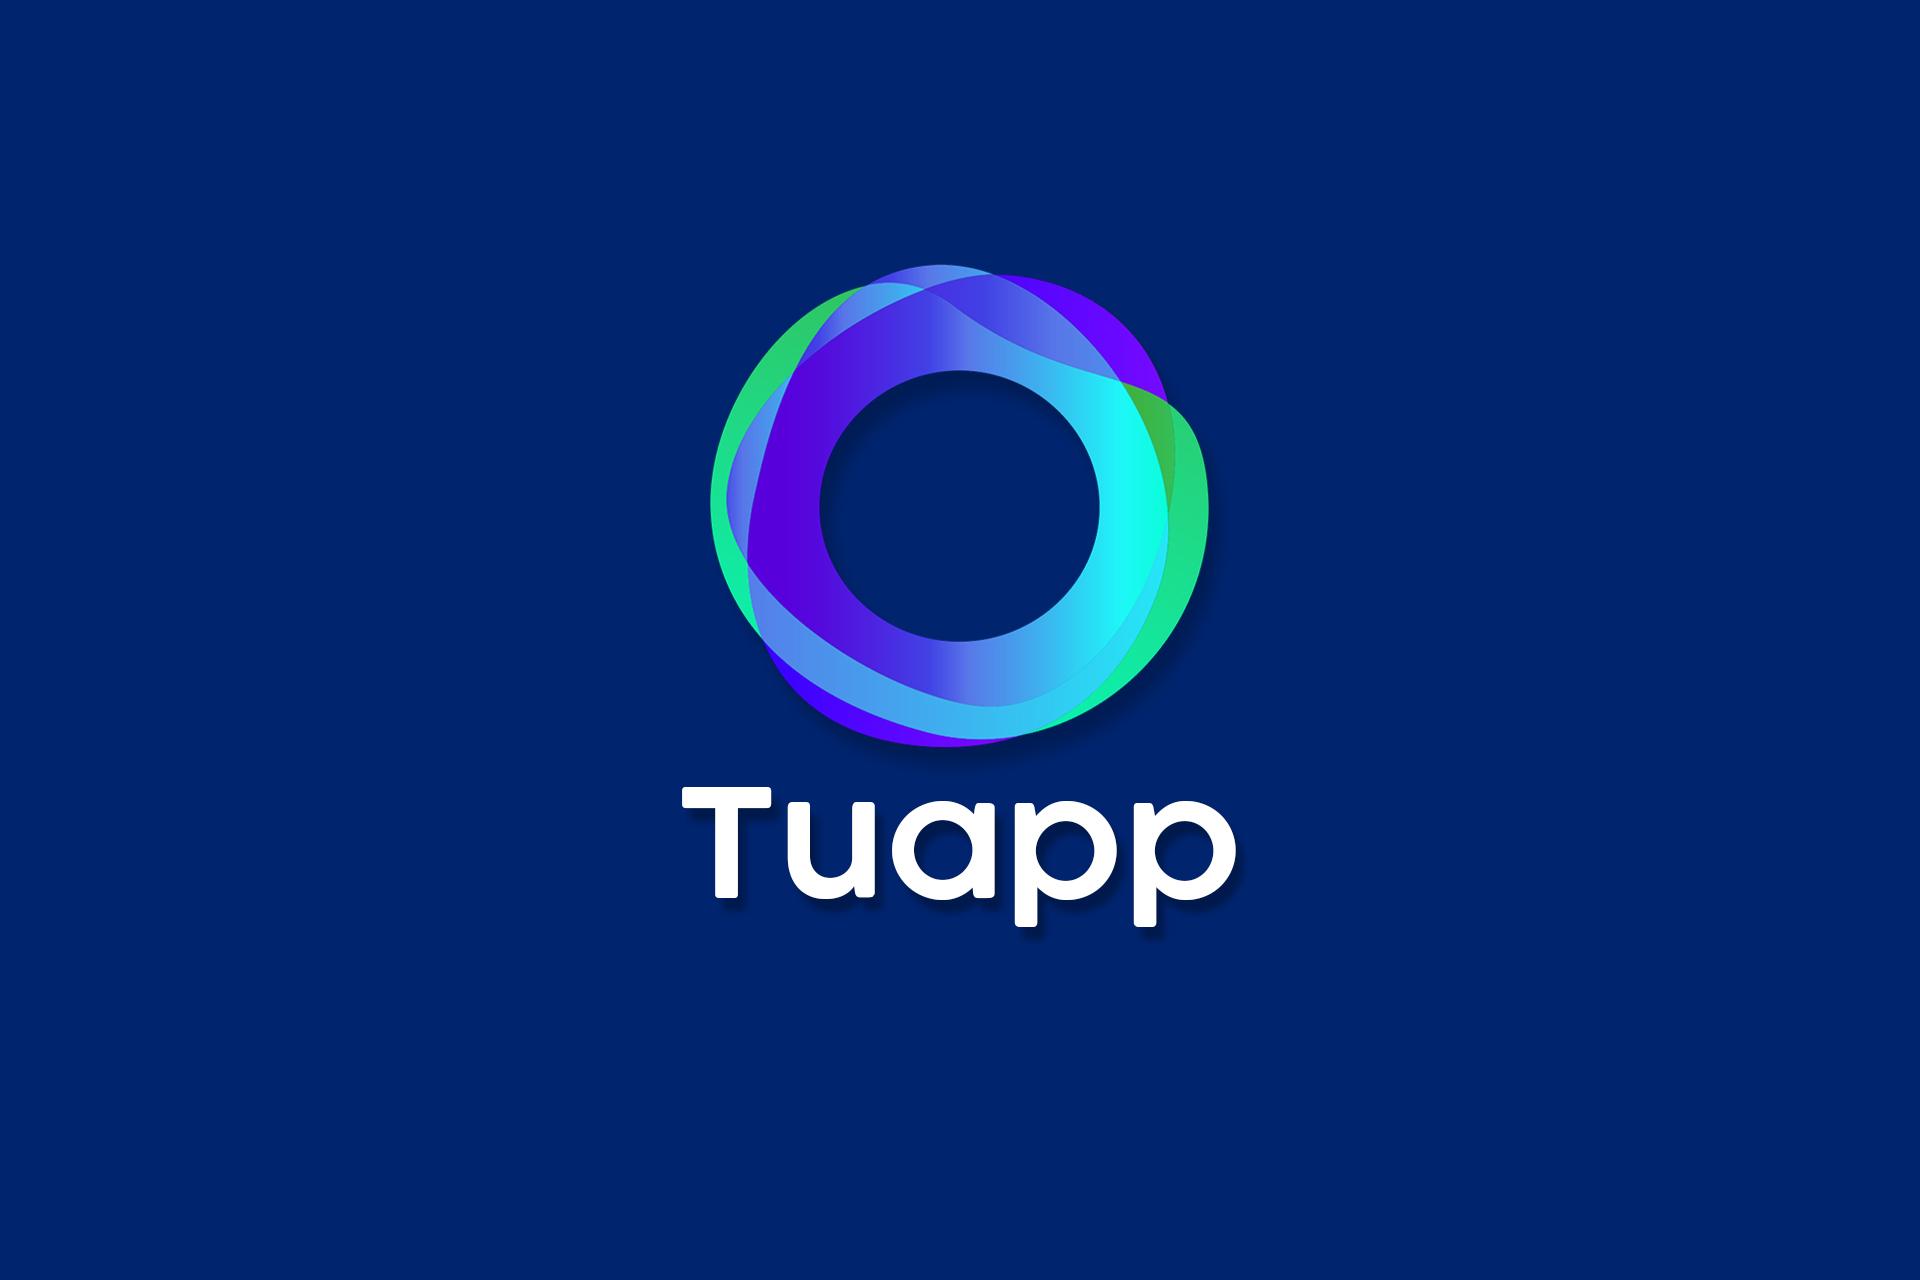 Tuapp.com